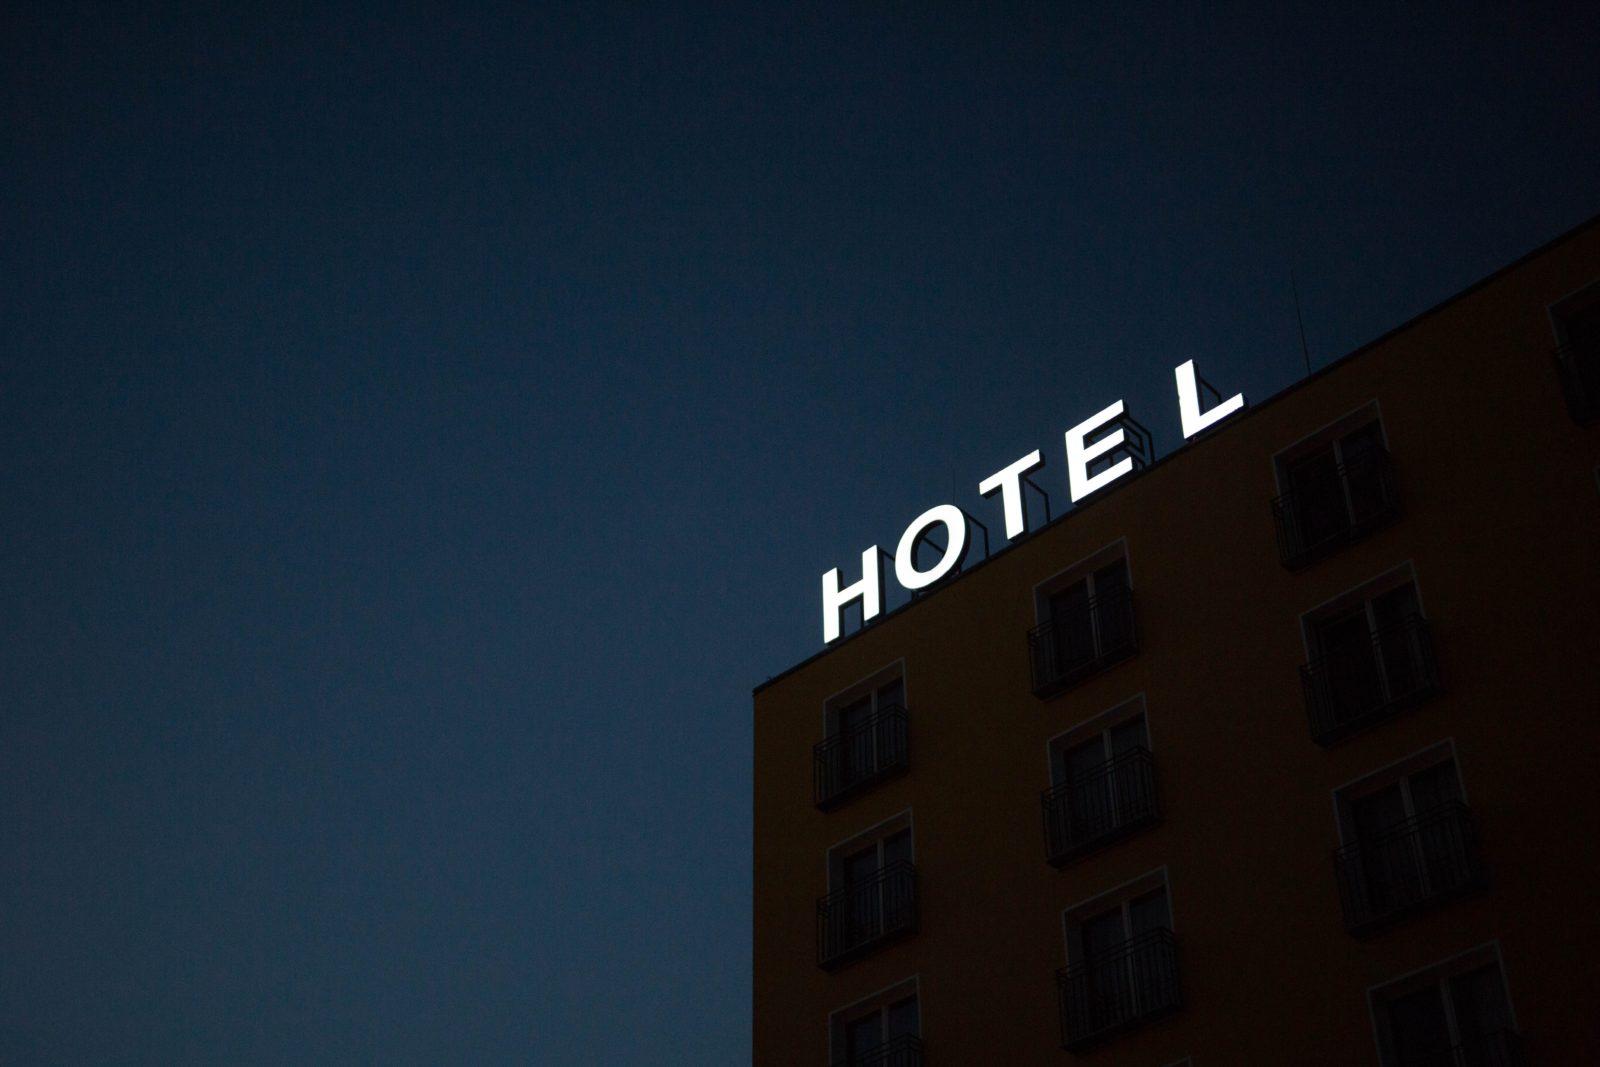 правила пожарной безопасности в гостинице